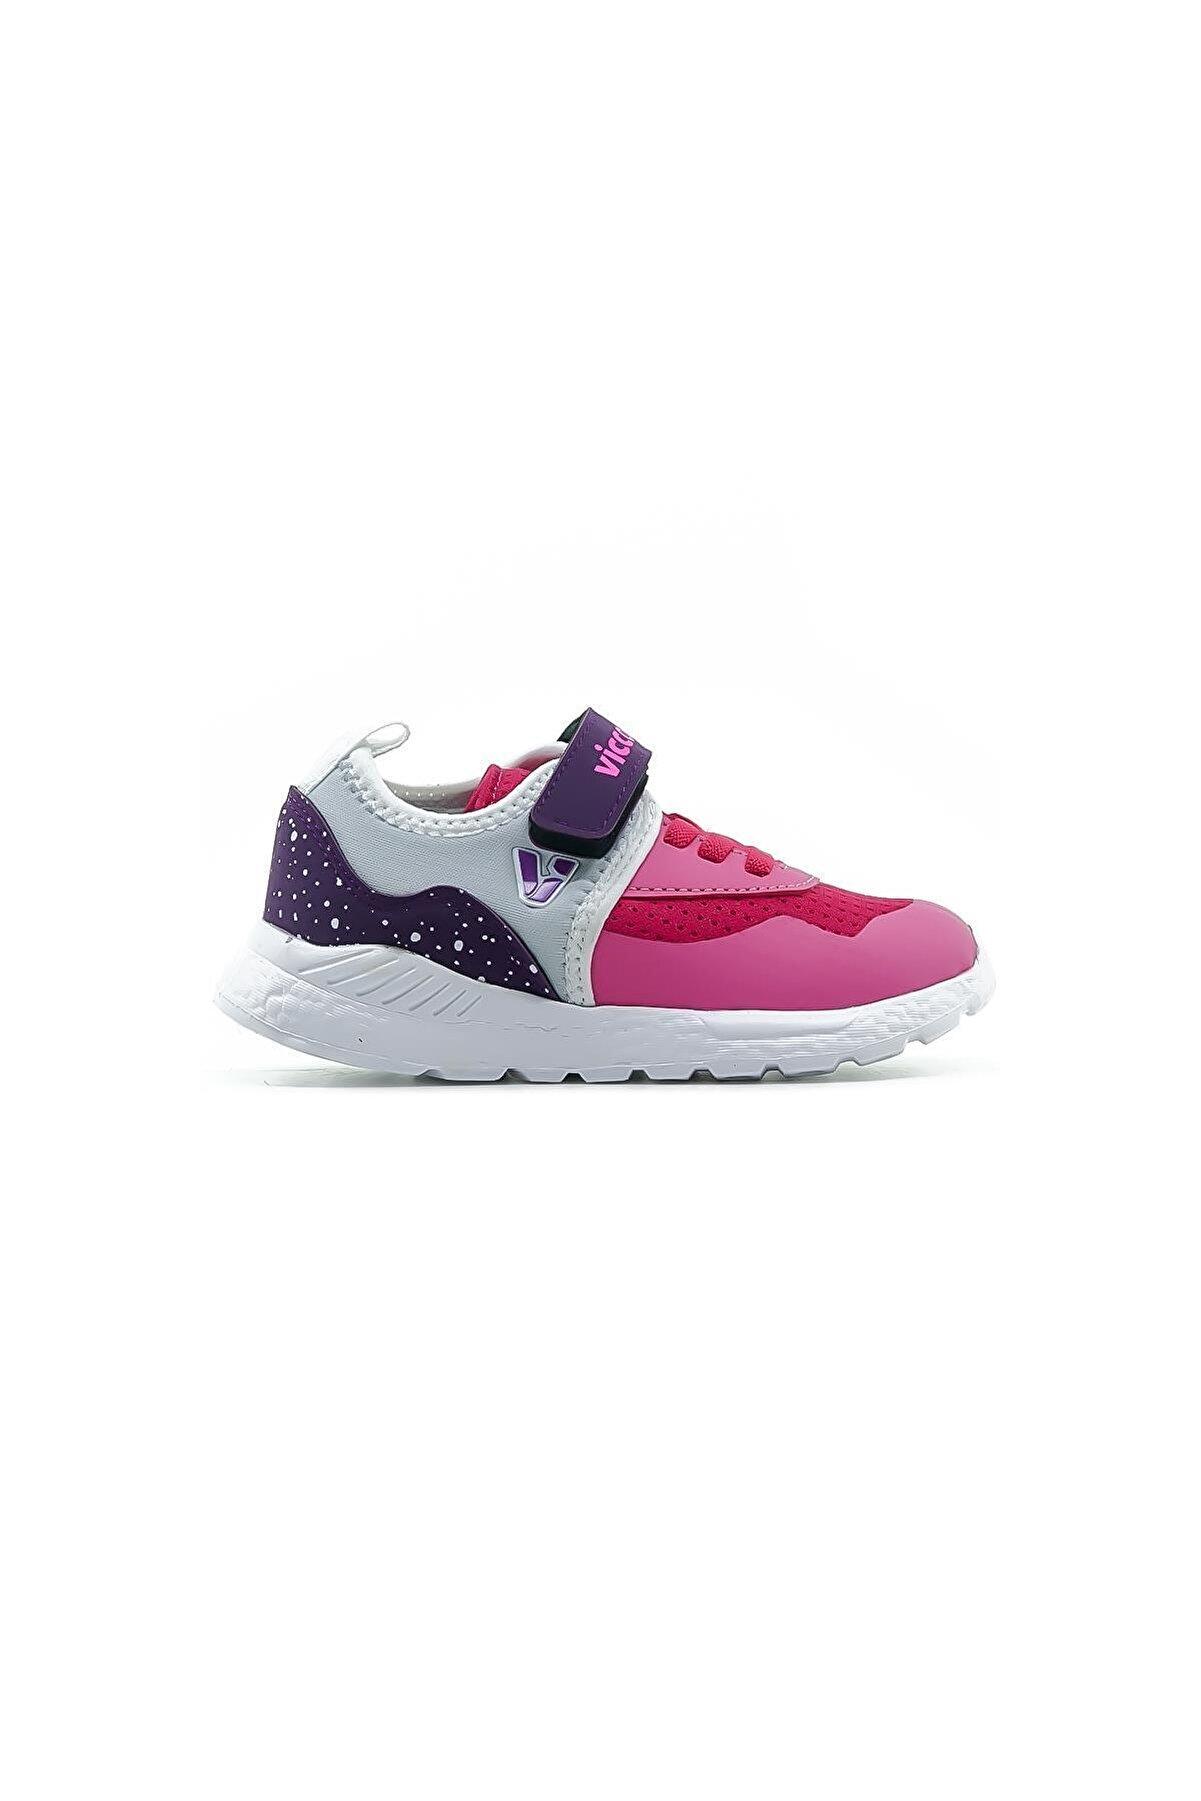 Vicco Kız Çocuk Aqua Spor Ayakkabı (26-29) 21y 347.154 Pk